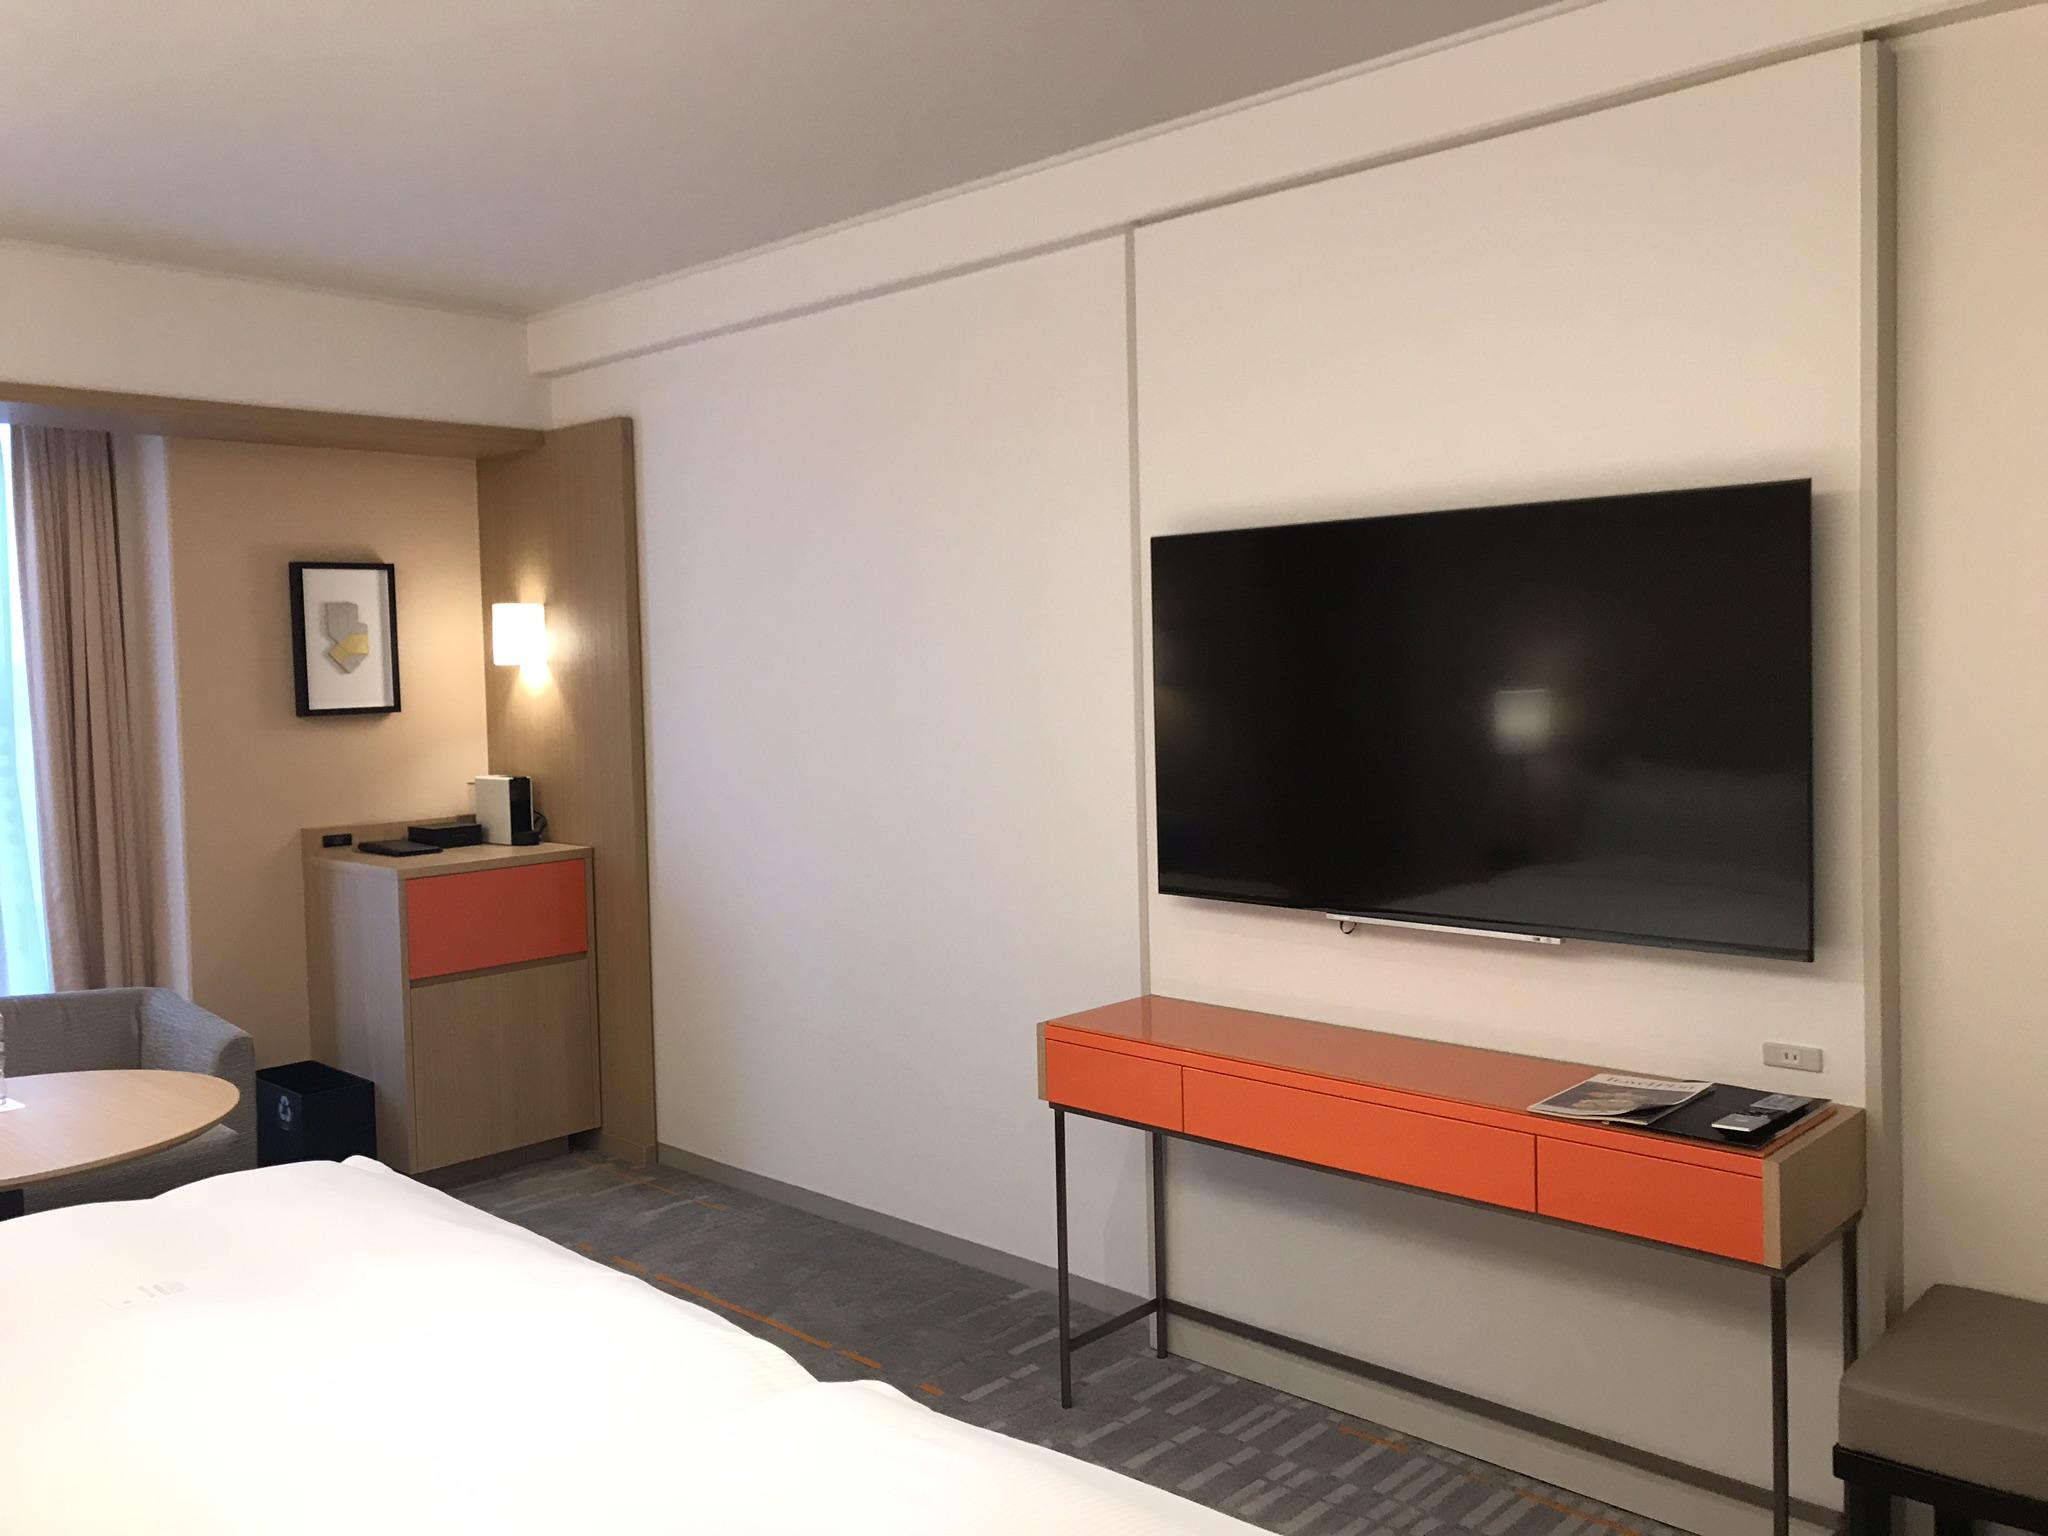 室内のテレビ